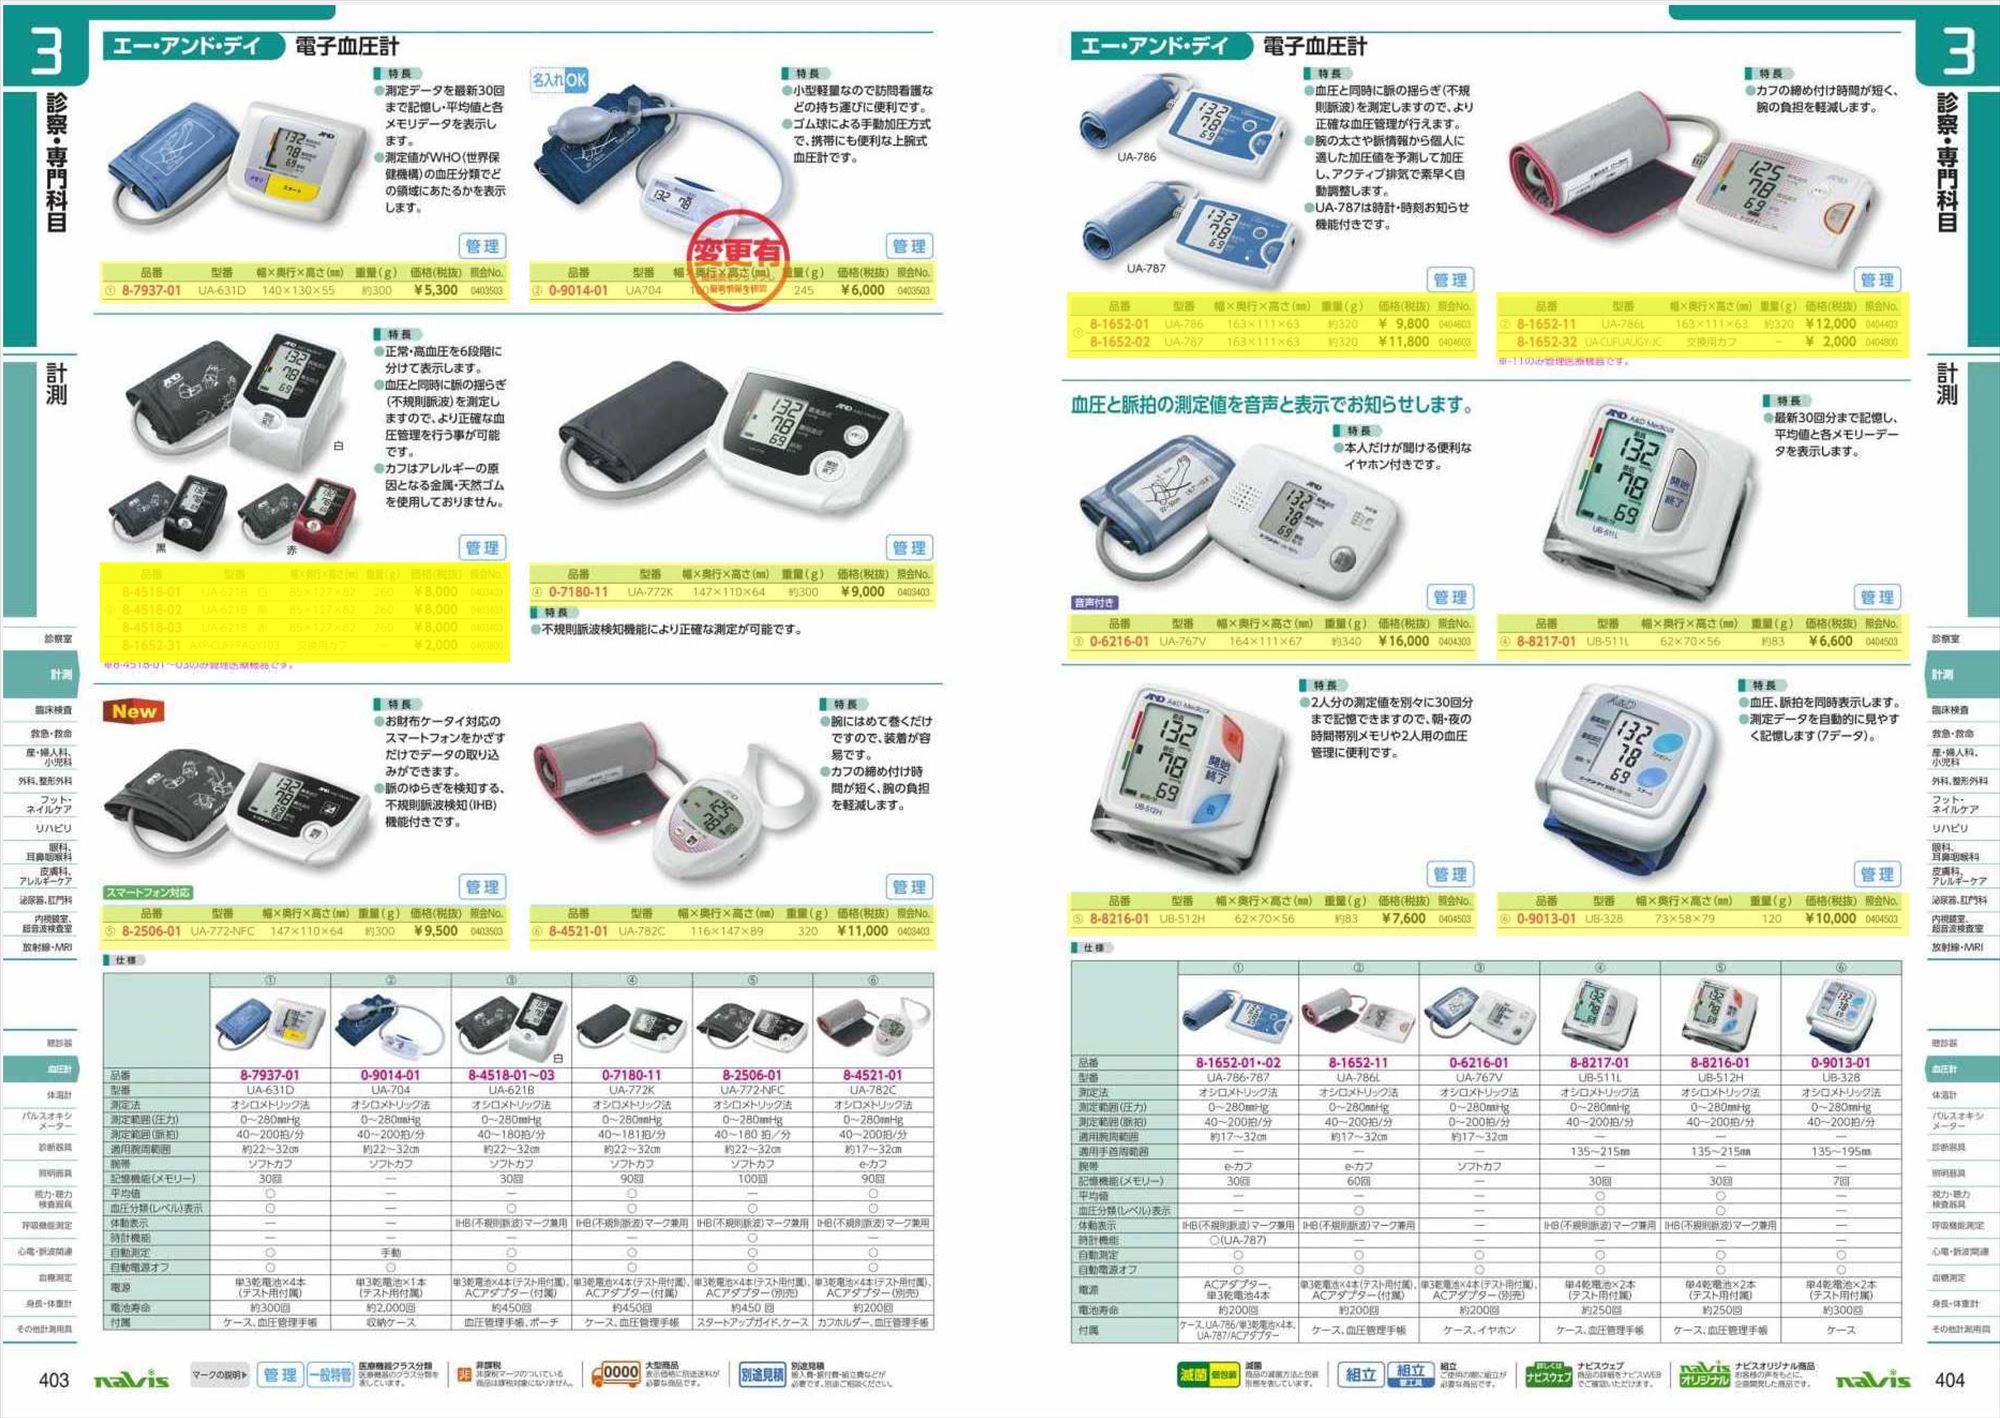 ナビス30000 エー・アンド・デイ 0-9013-01 電子血圧計 UB328 手首式 テクビシキデジタルケツアツケイUB328 N7000029487 1[個] エー・アンド・デイ